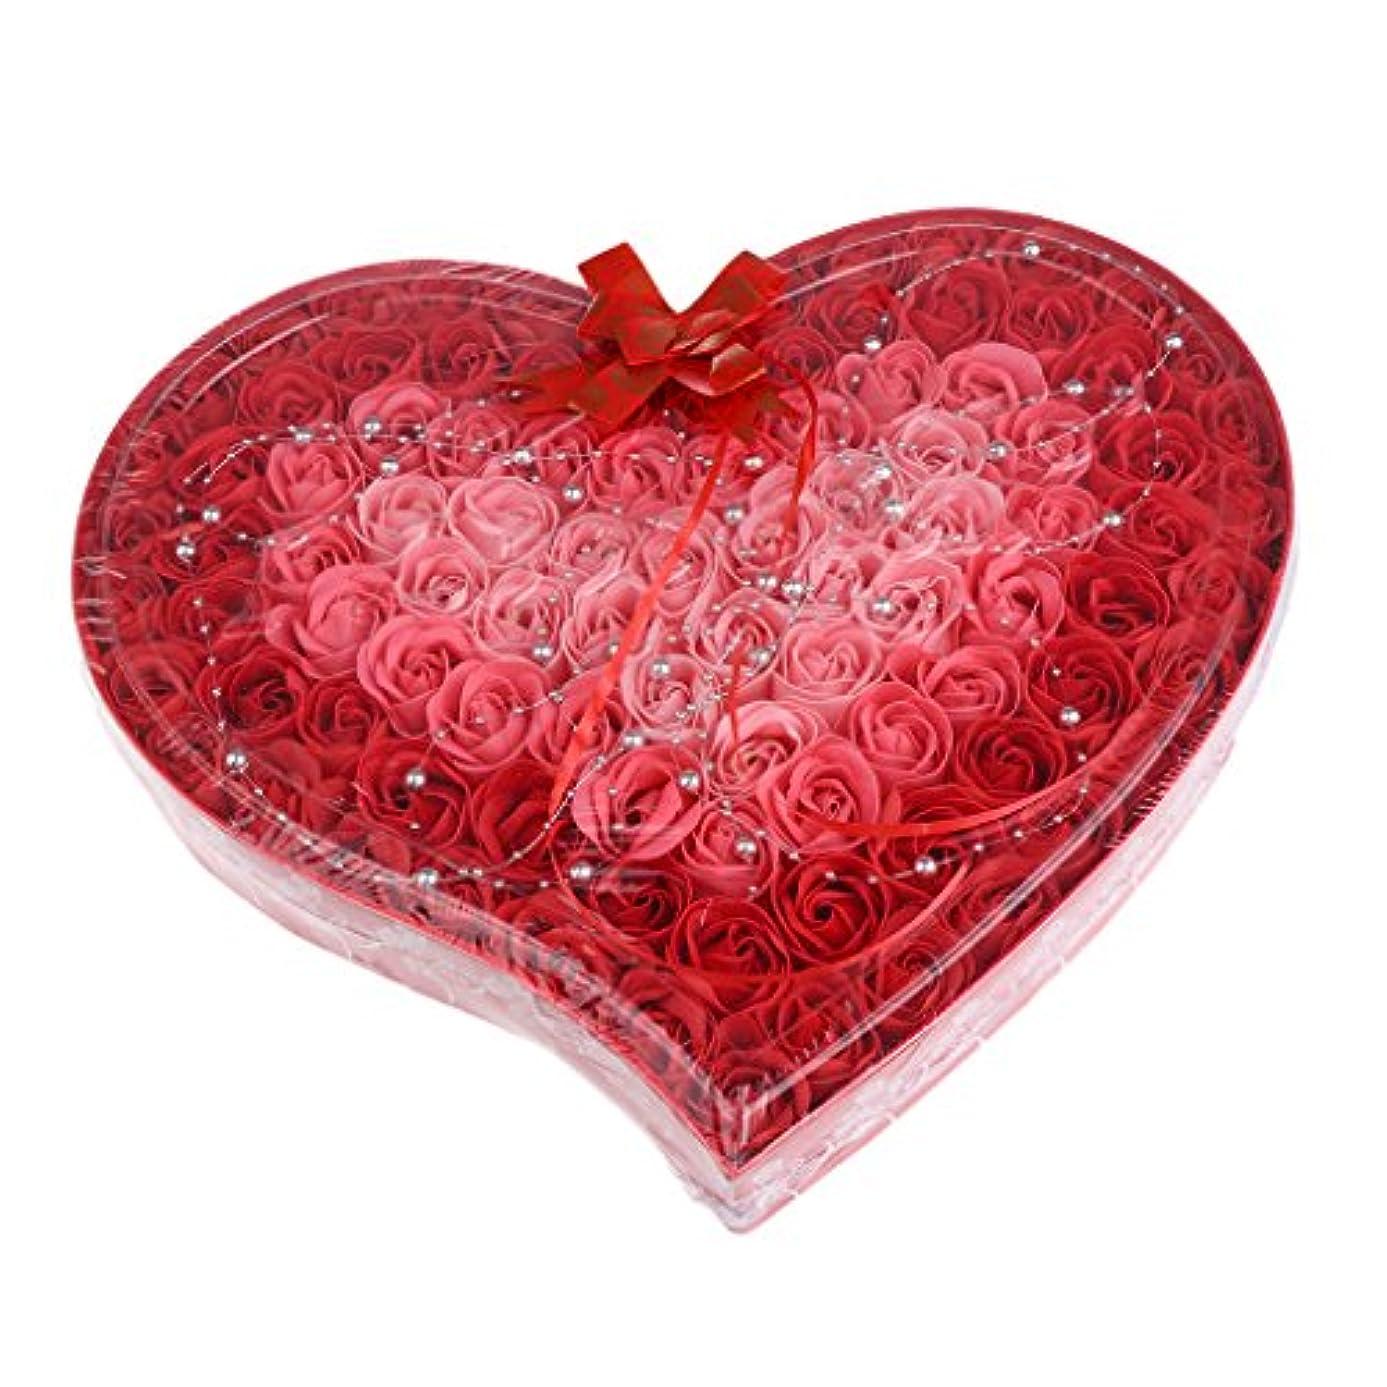 お互い暴露するホールドBaoblaze 石鹸の花 母の日 プレゼント 石鹸 お花 枯れないお花 心の形 ギフトボックス 約100個 プレゼント 4色選択可 - 赤